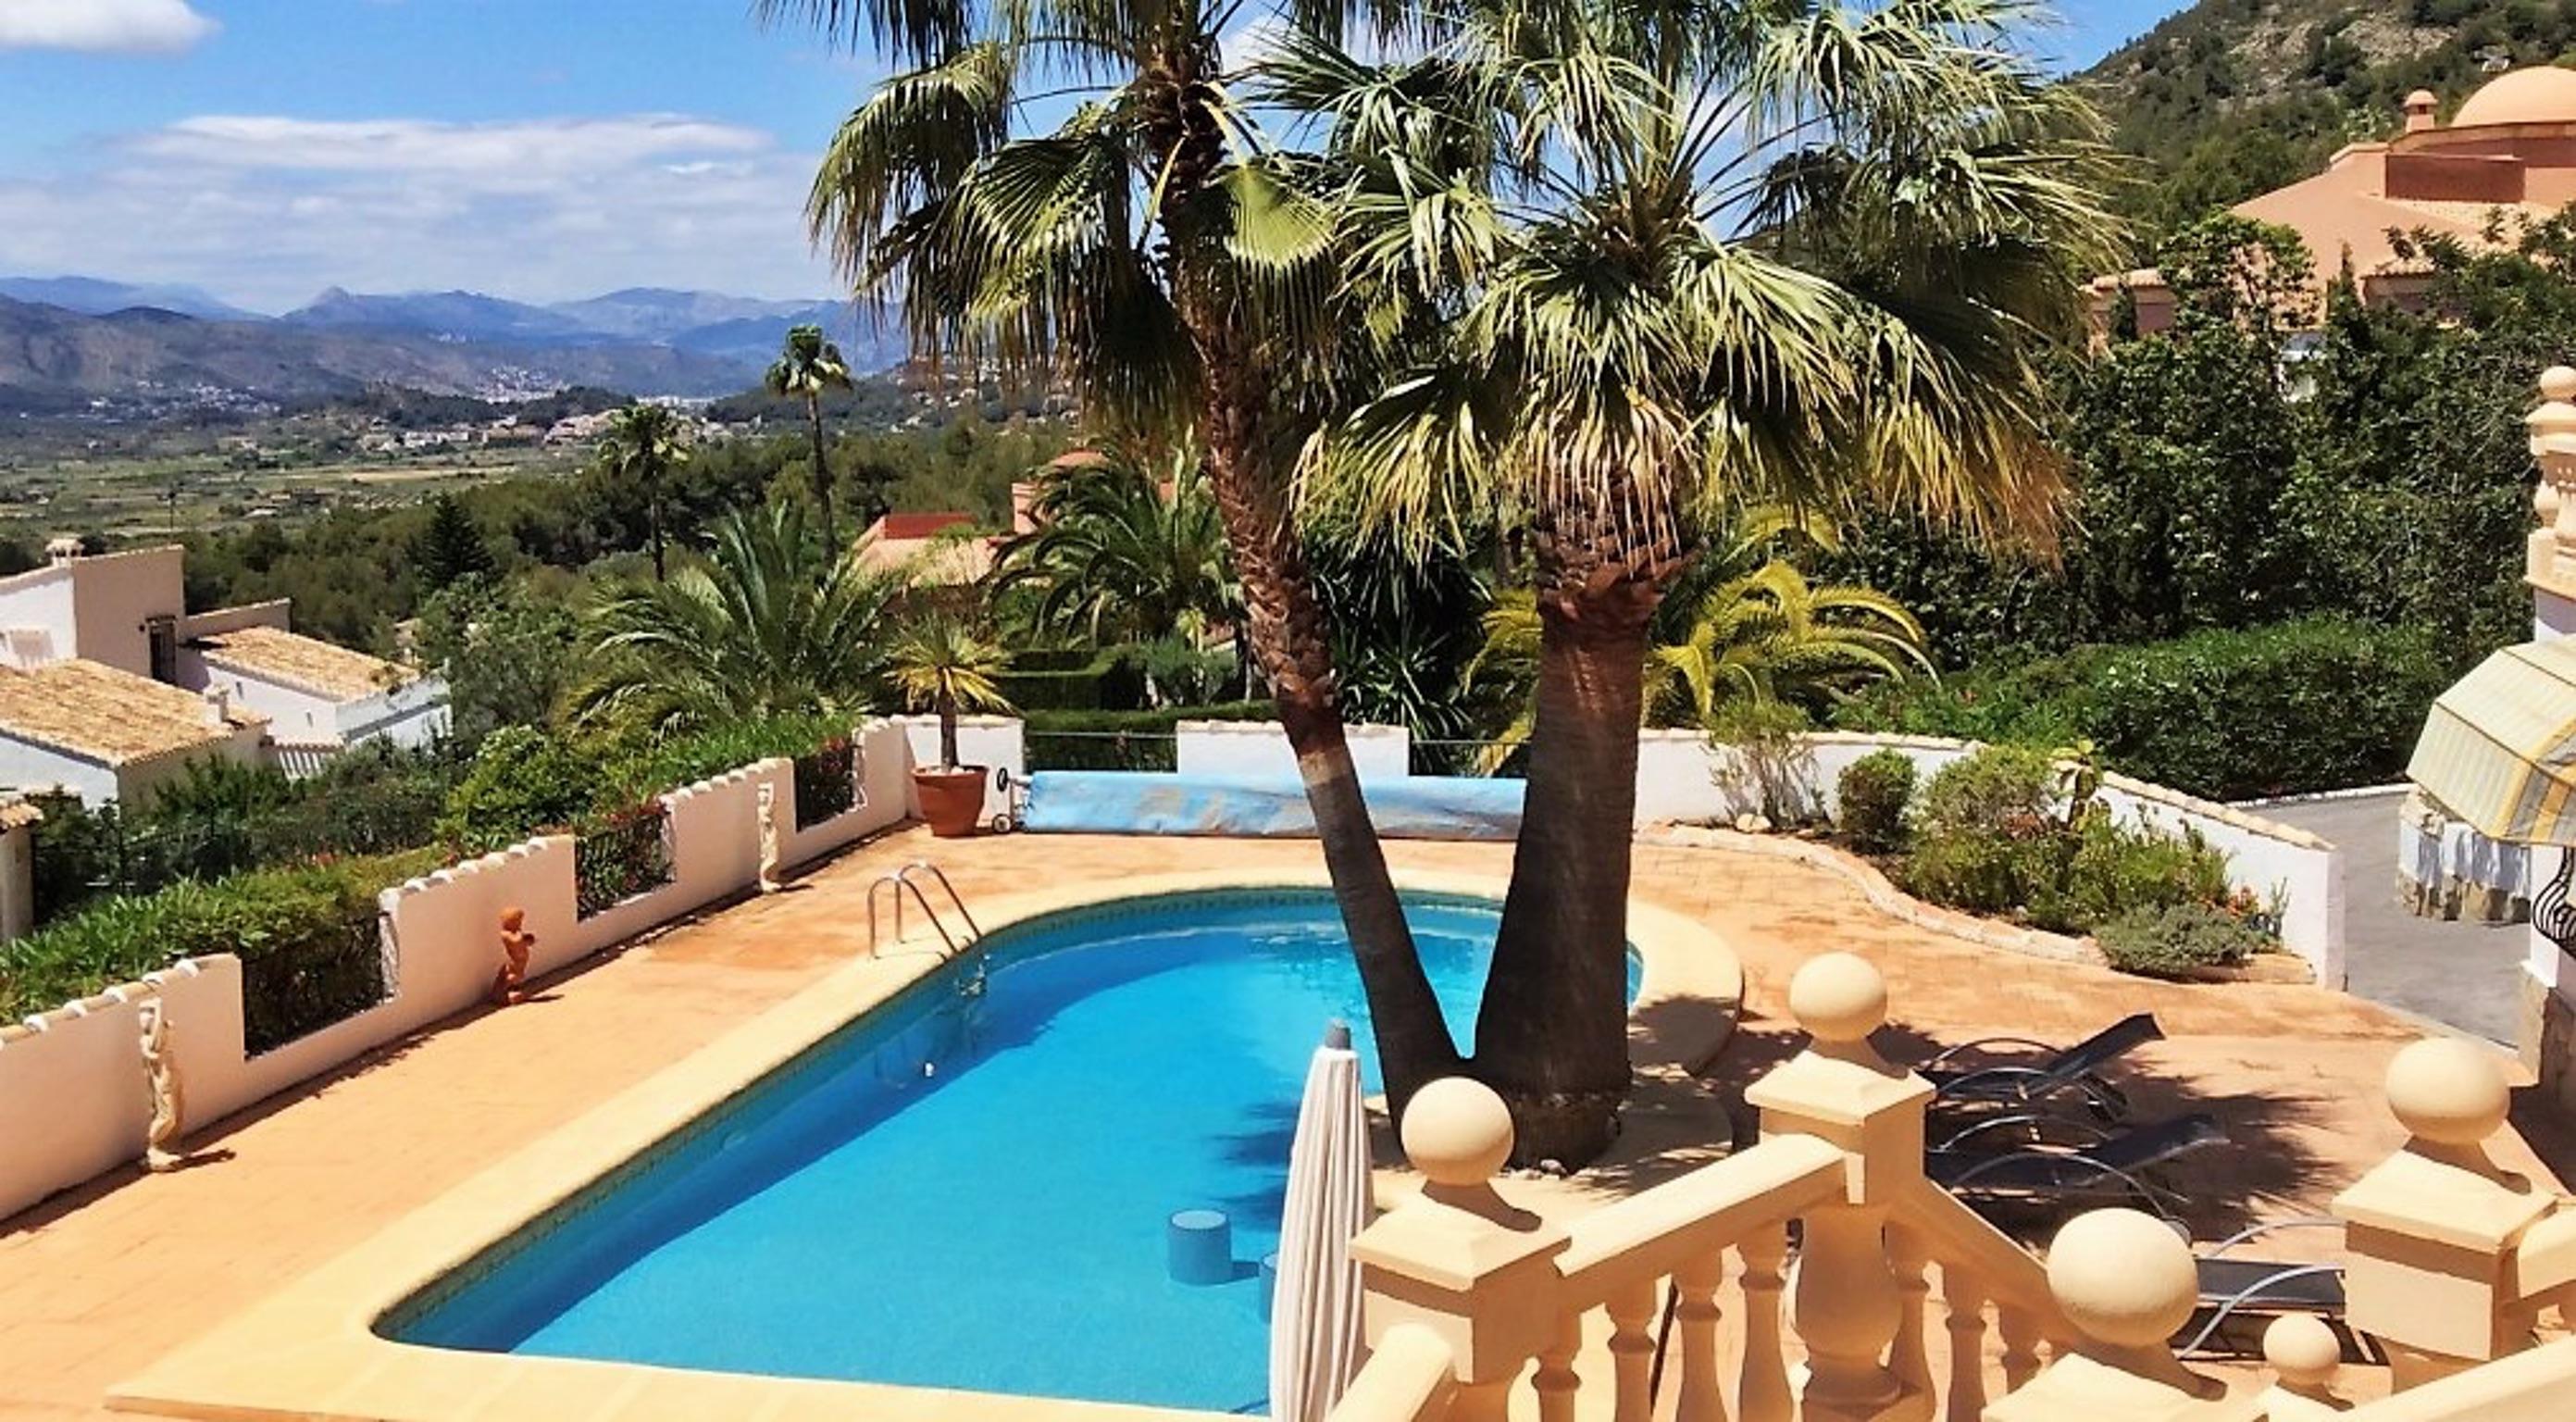 Ferienhaus Geräumige Villa mit fünf Schlafzimmer in Javea mit möblierter Terrasse, Pool und toller Au (2201168), Jávea, Costa Blanca, Valencia, Spanien, Bild 3